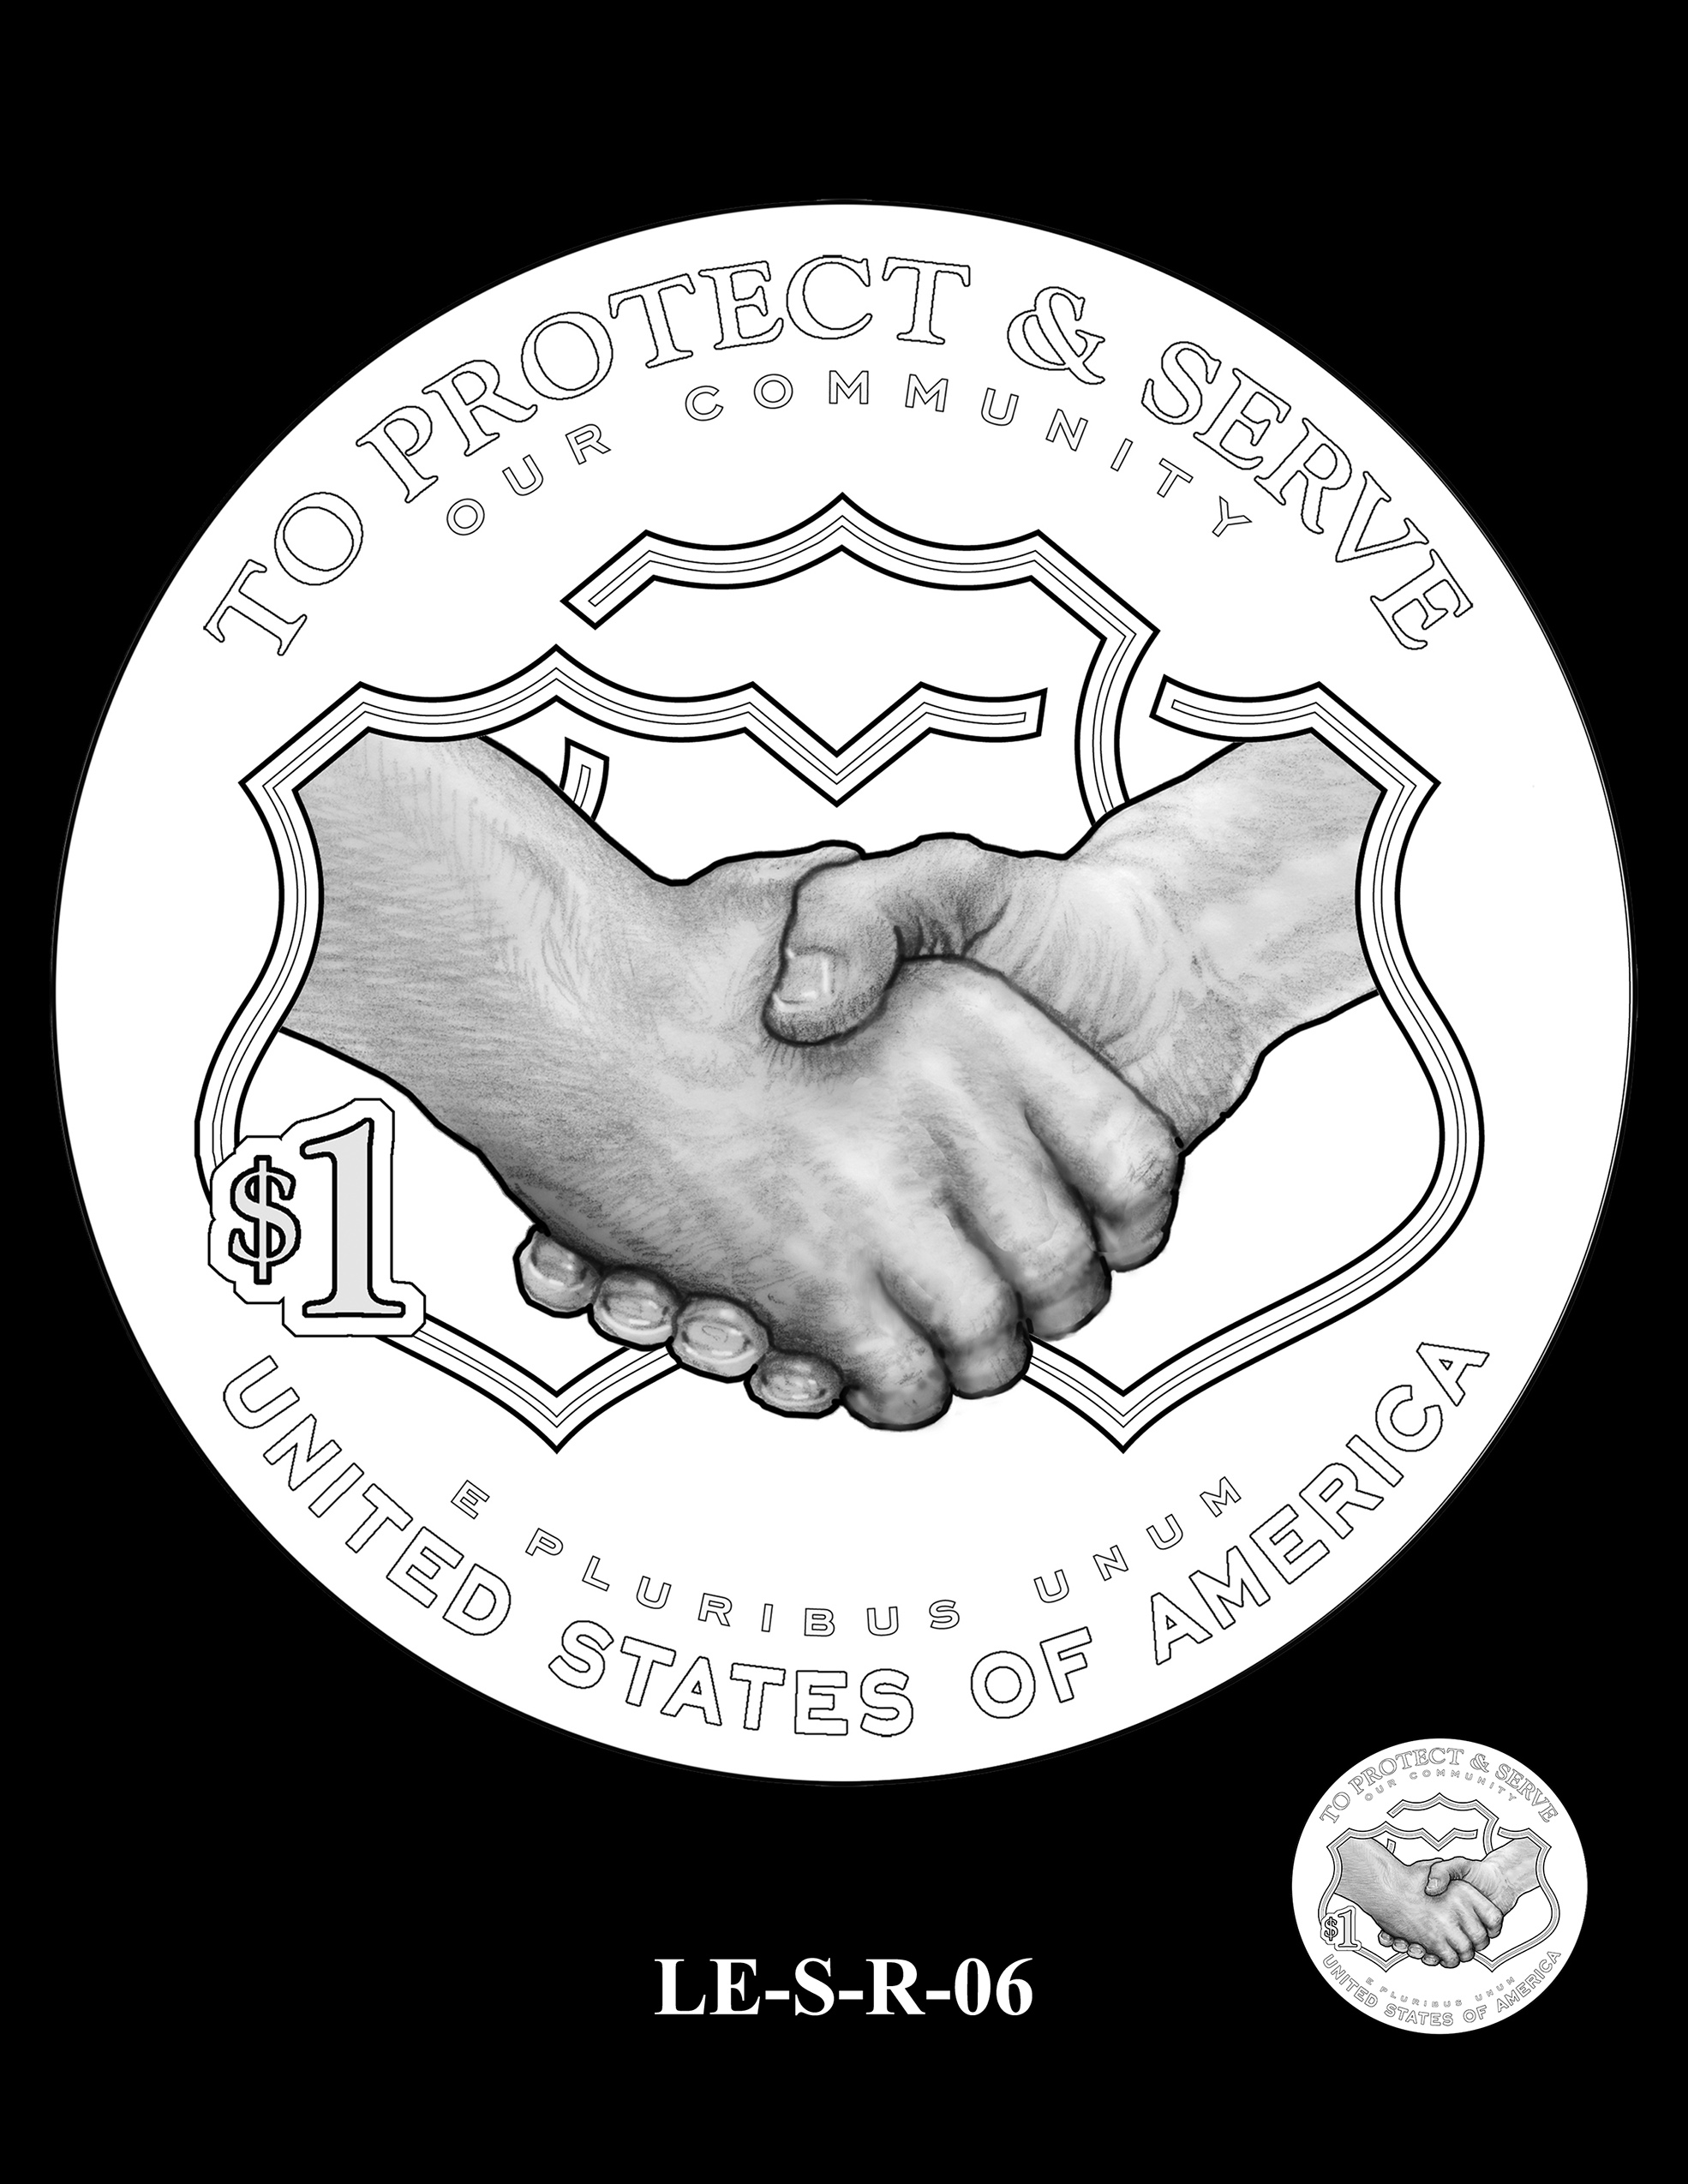 LE-S-R-06 -- National Law Enforcement Museum Commemorative Coin Program